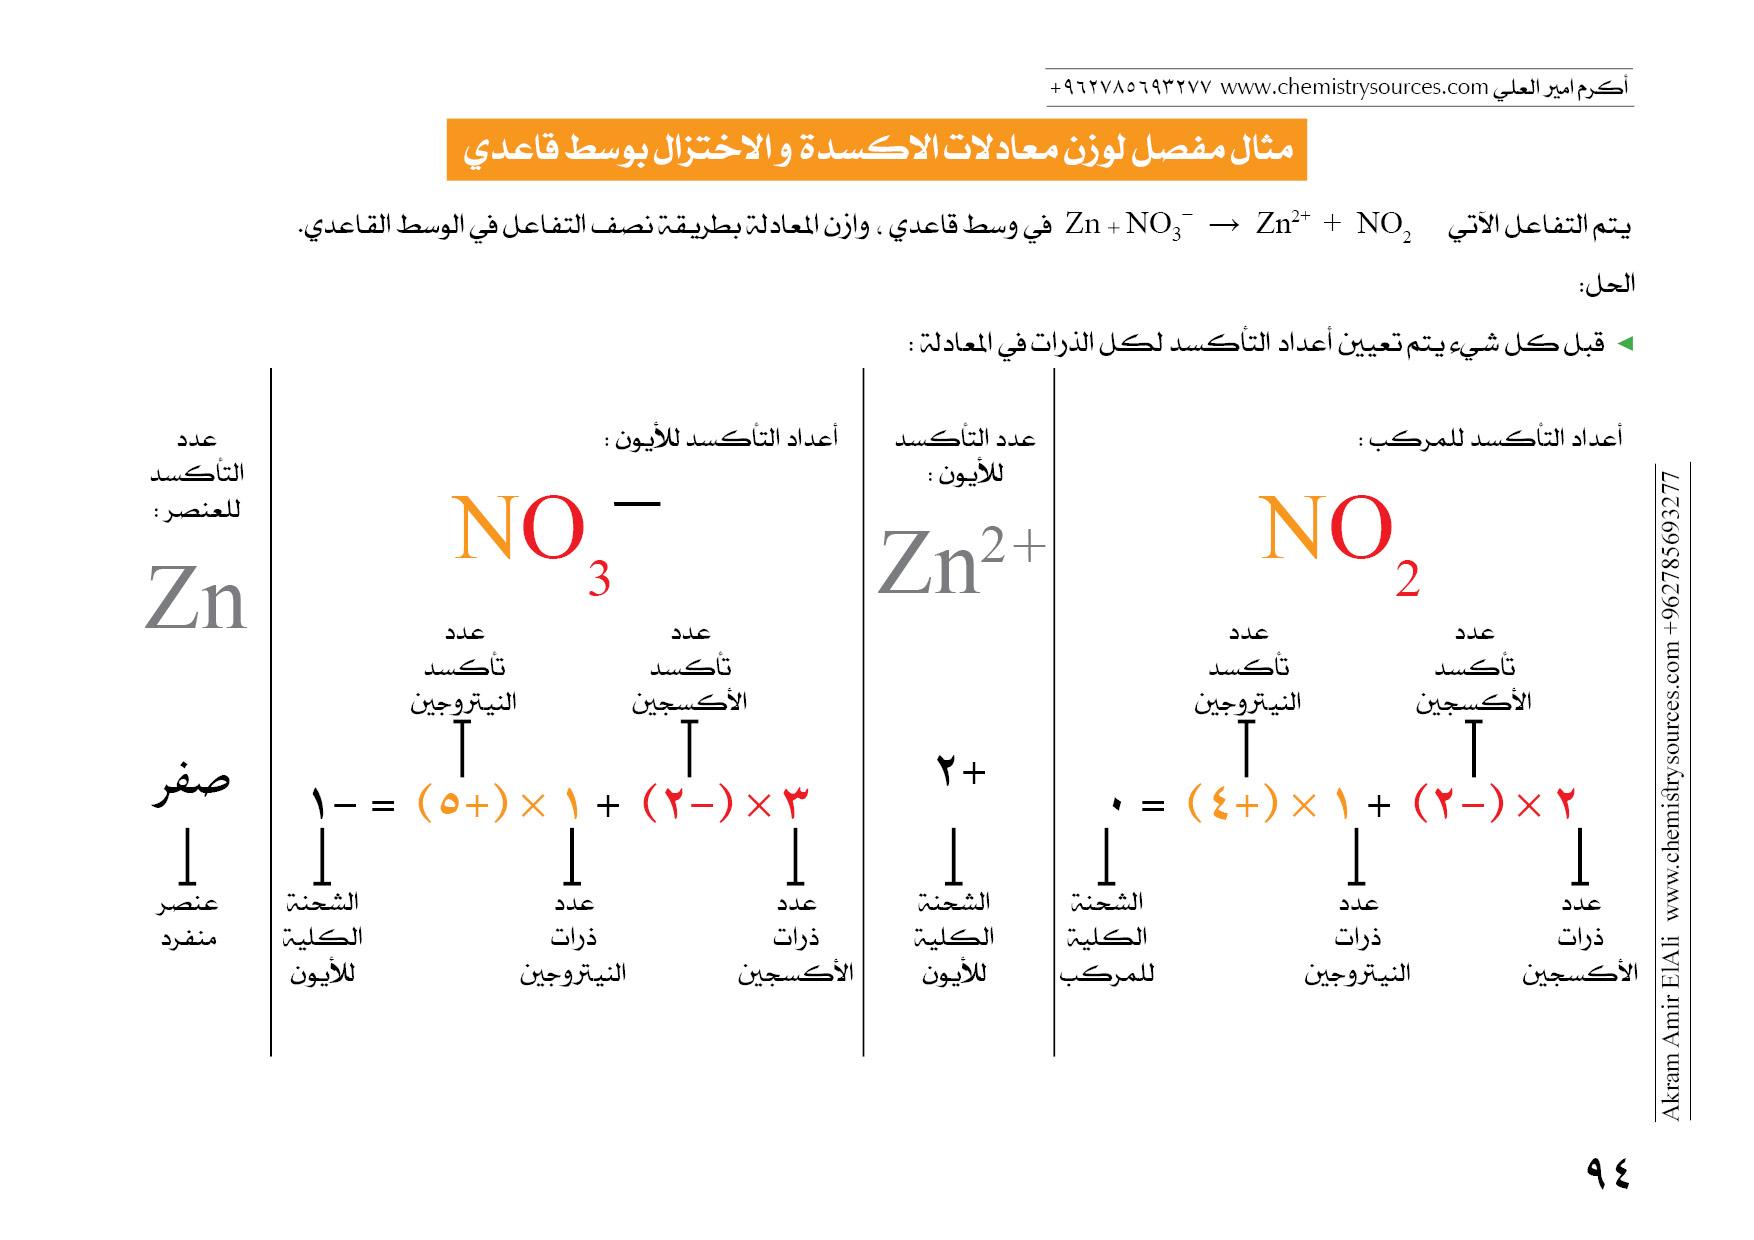 موازنة معادلات التأكسد و الاختزال بطريقة نصف التفاعل أيون إلكترون في الوسط القاعدي مصادر الكيمياء